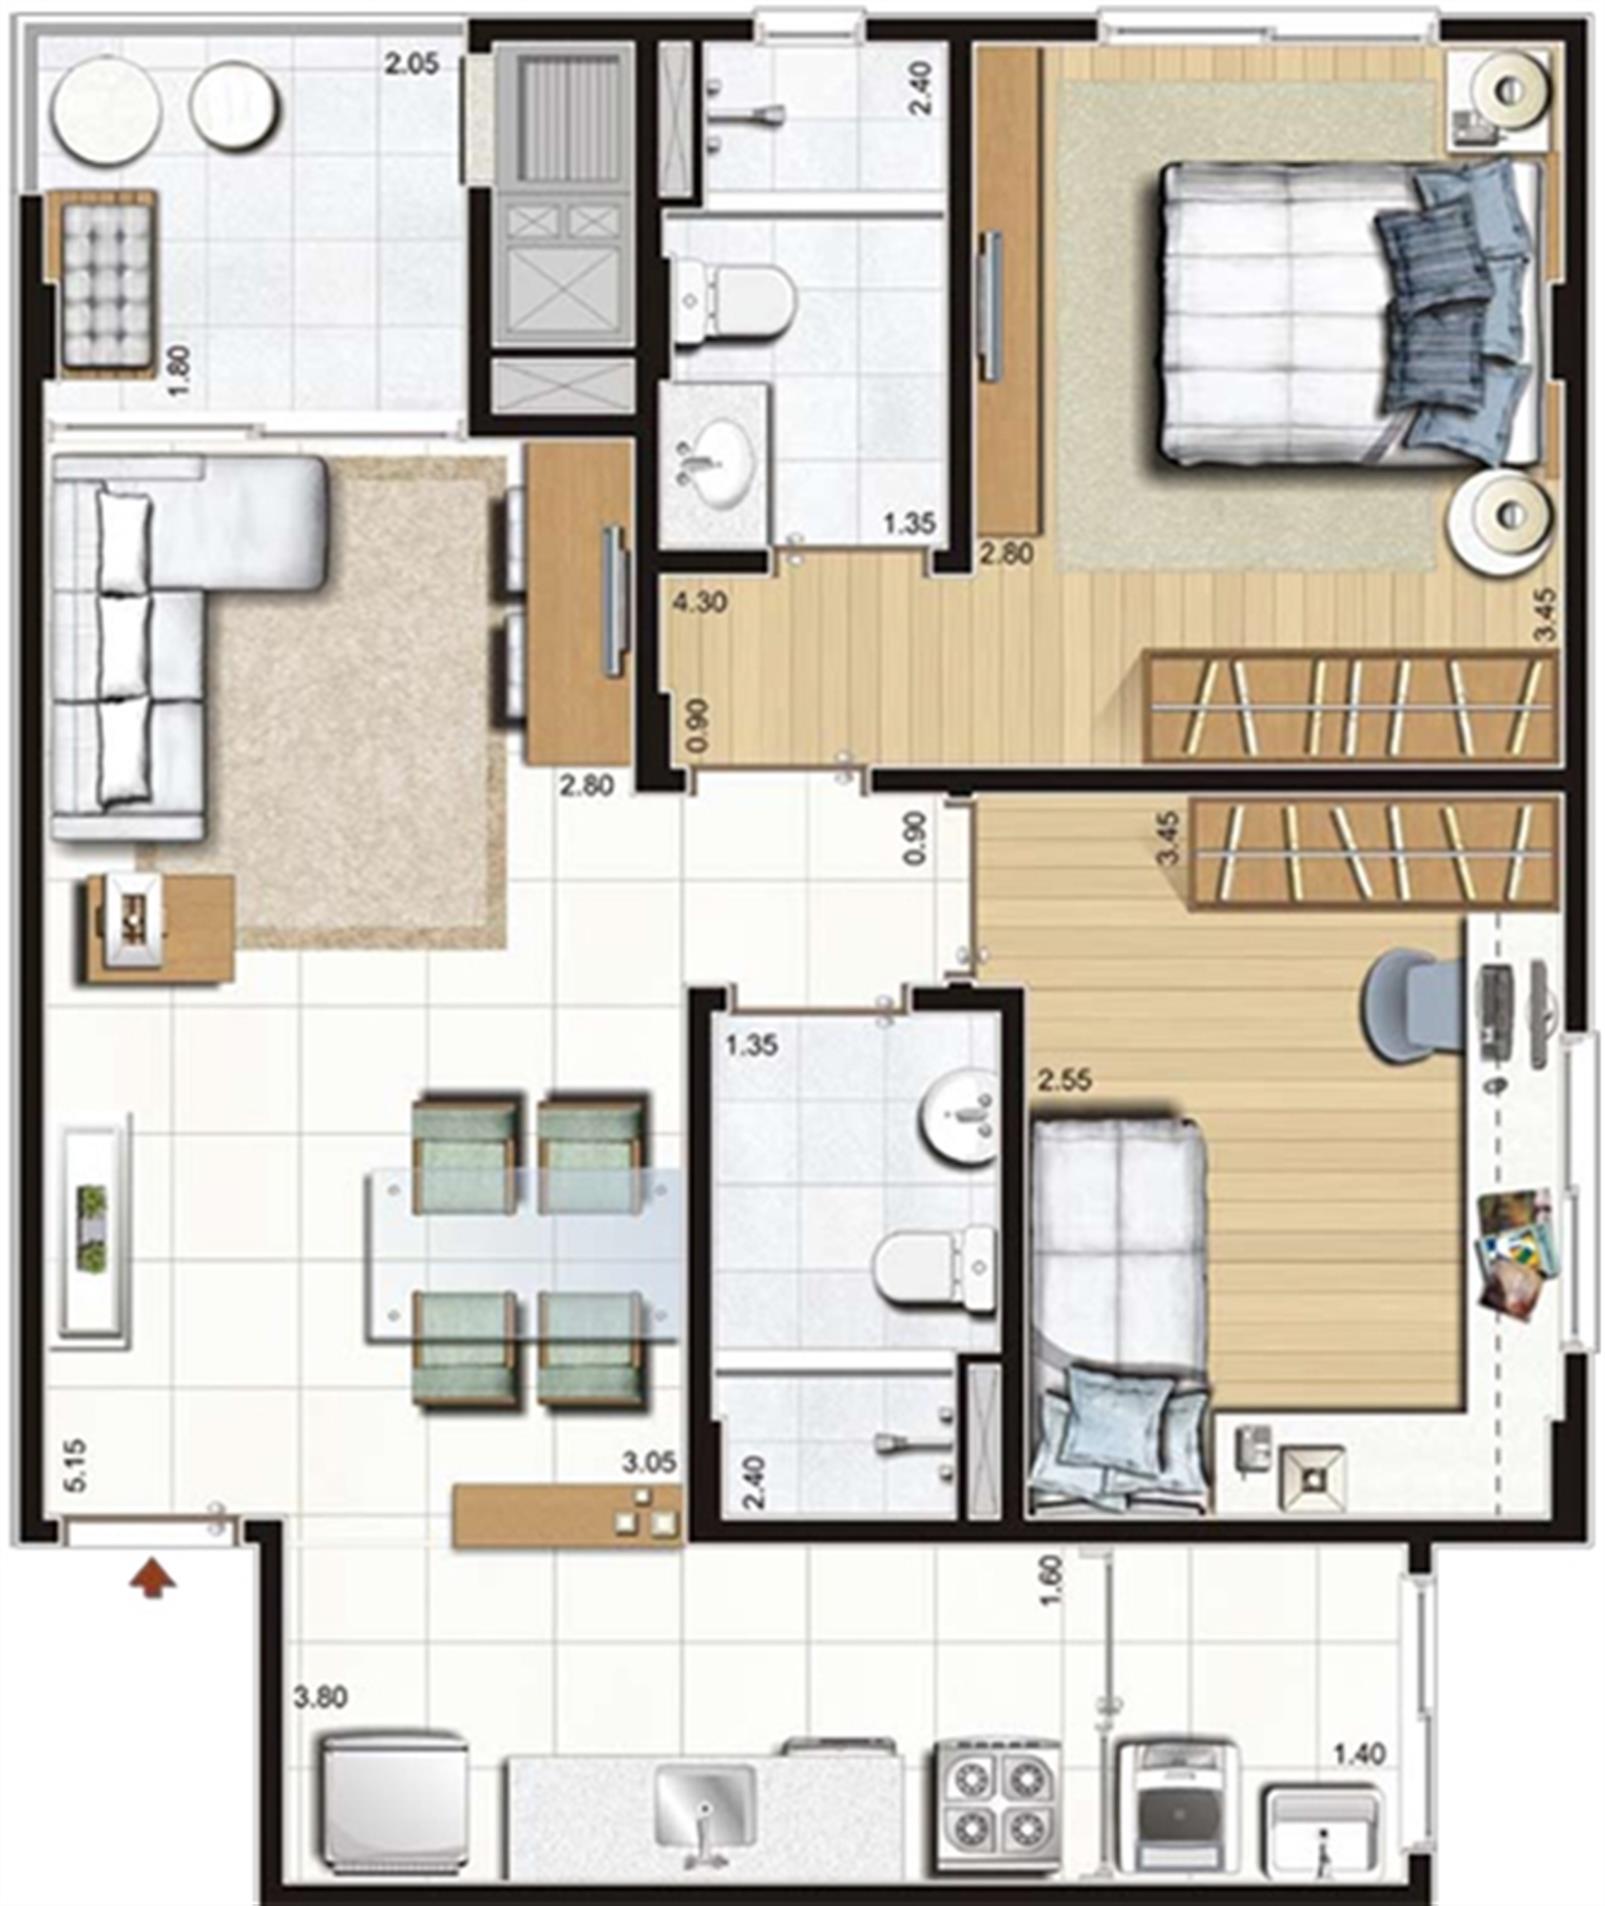 2 dorms. com suíte - 67 m² privativos - 107 m² área total - Torres A, C e D - Final 5 | Cennario Santa Catarina – Apartamentona  Praia Comprida - São José - Santa Catarina